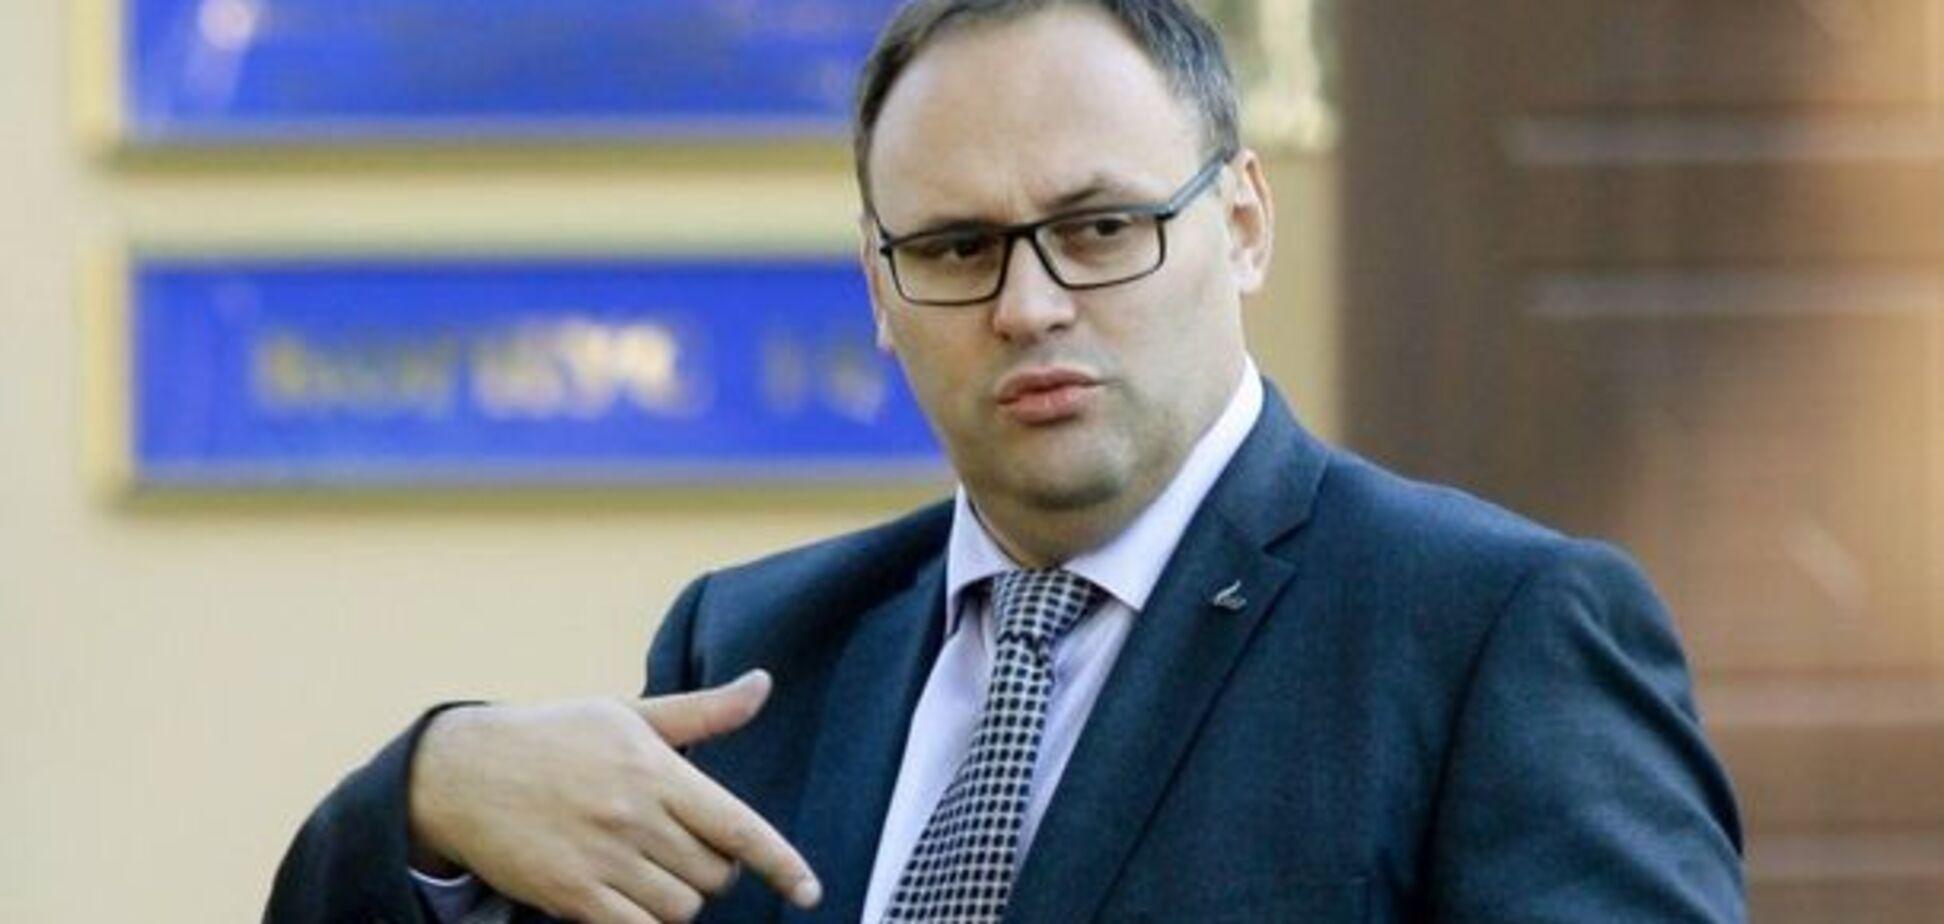 Посиденьки екс-нардепа з Каськівим у клубі Києва: з'явилася реакція